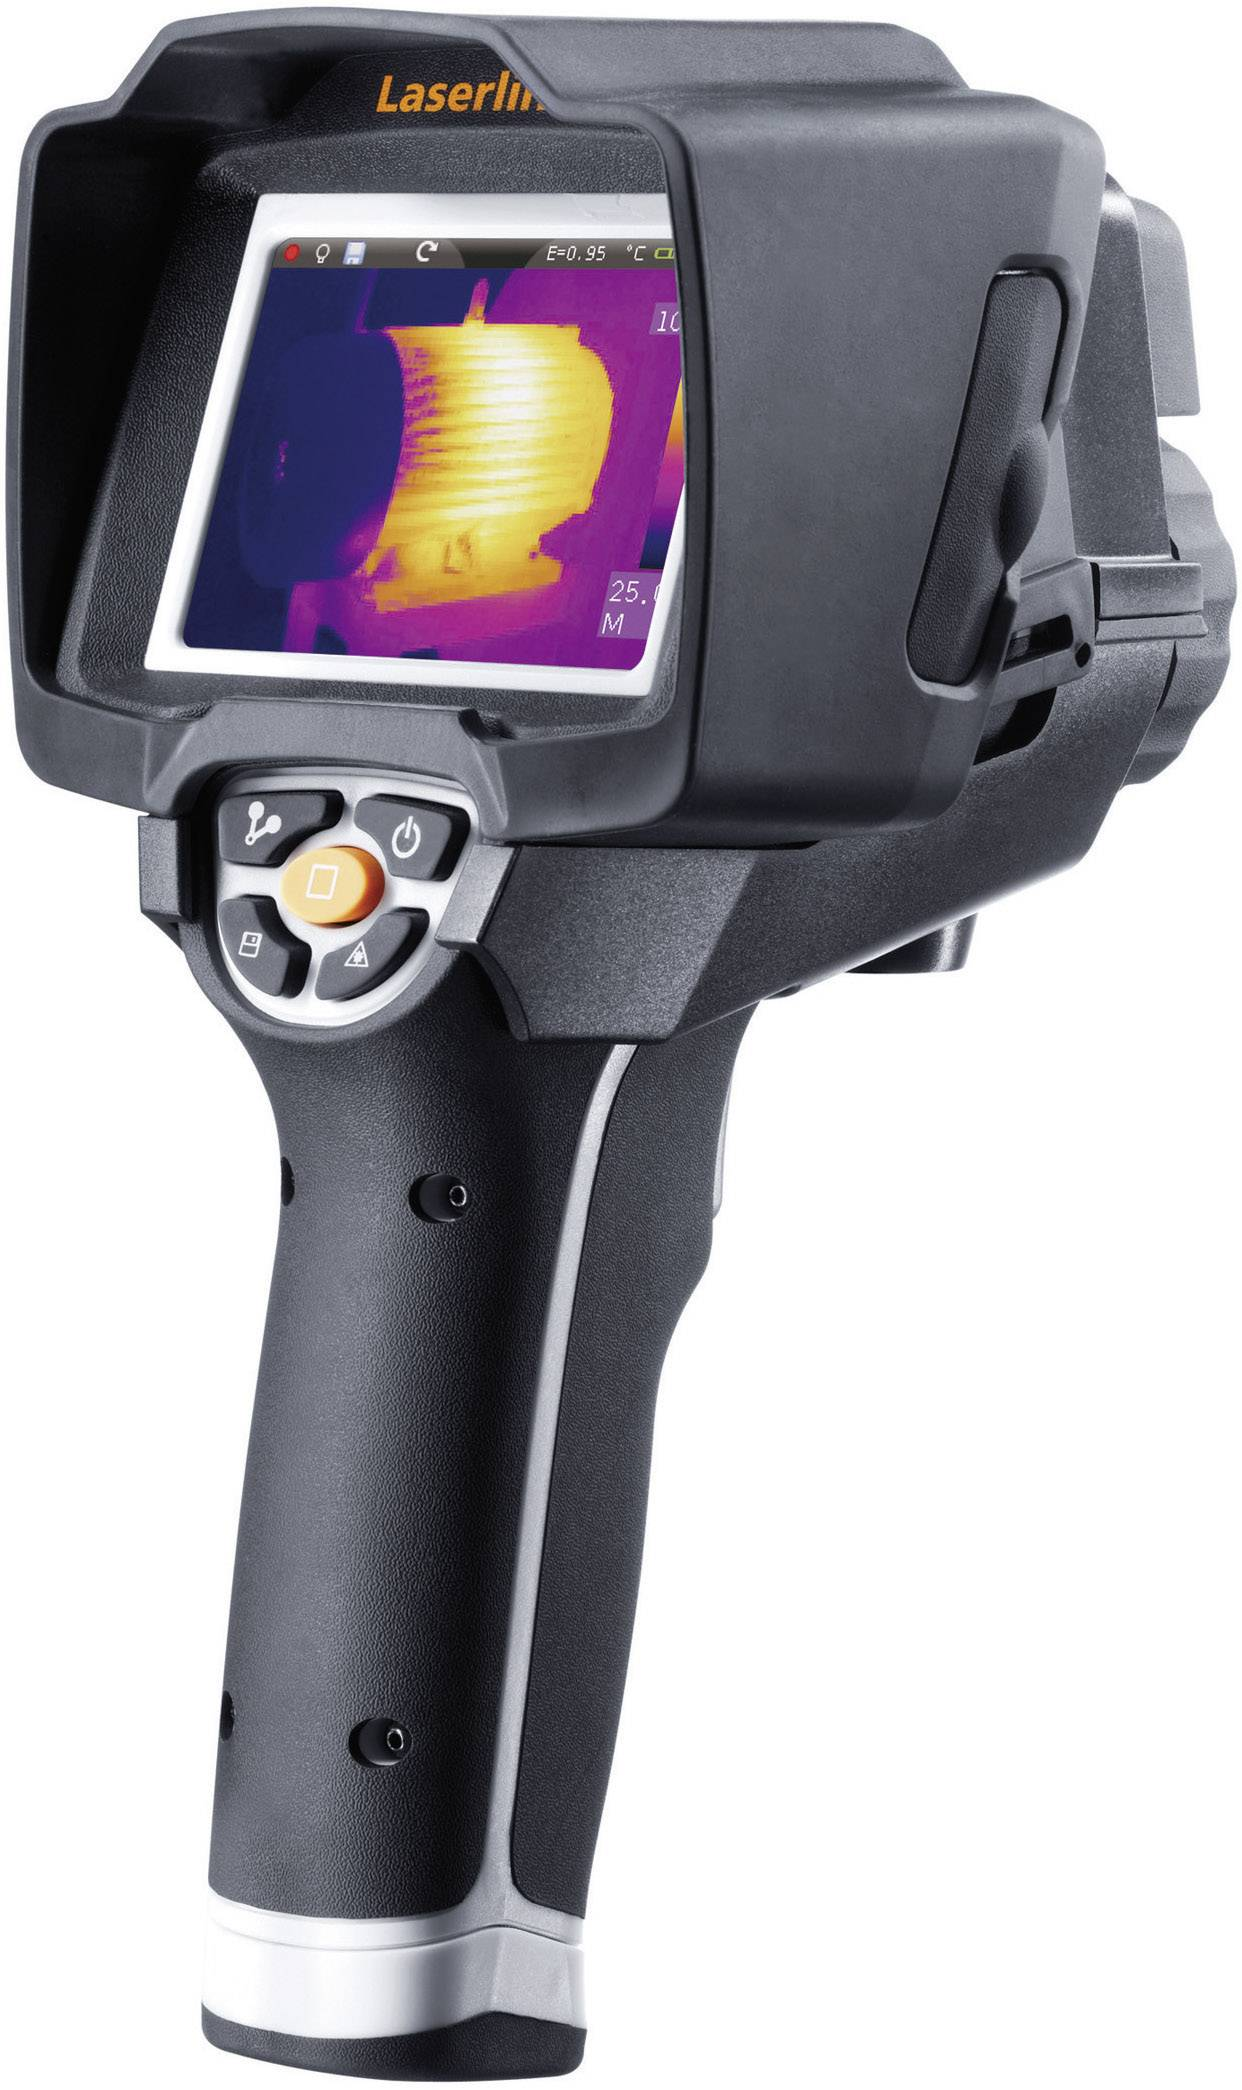 Termálna kamera Laserliner ThermoCamera-Vision 082.085A, 240 x 180 pix